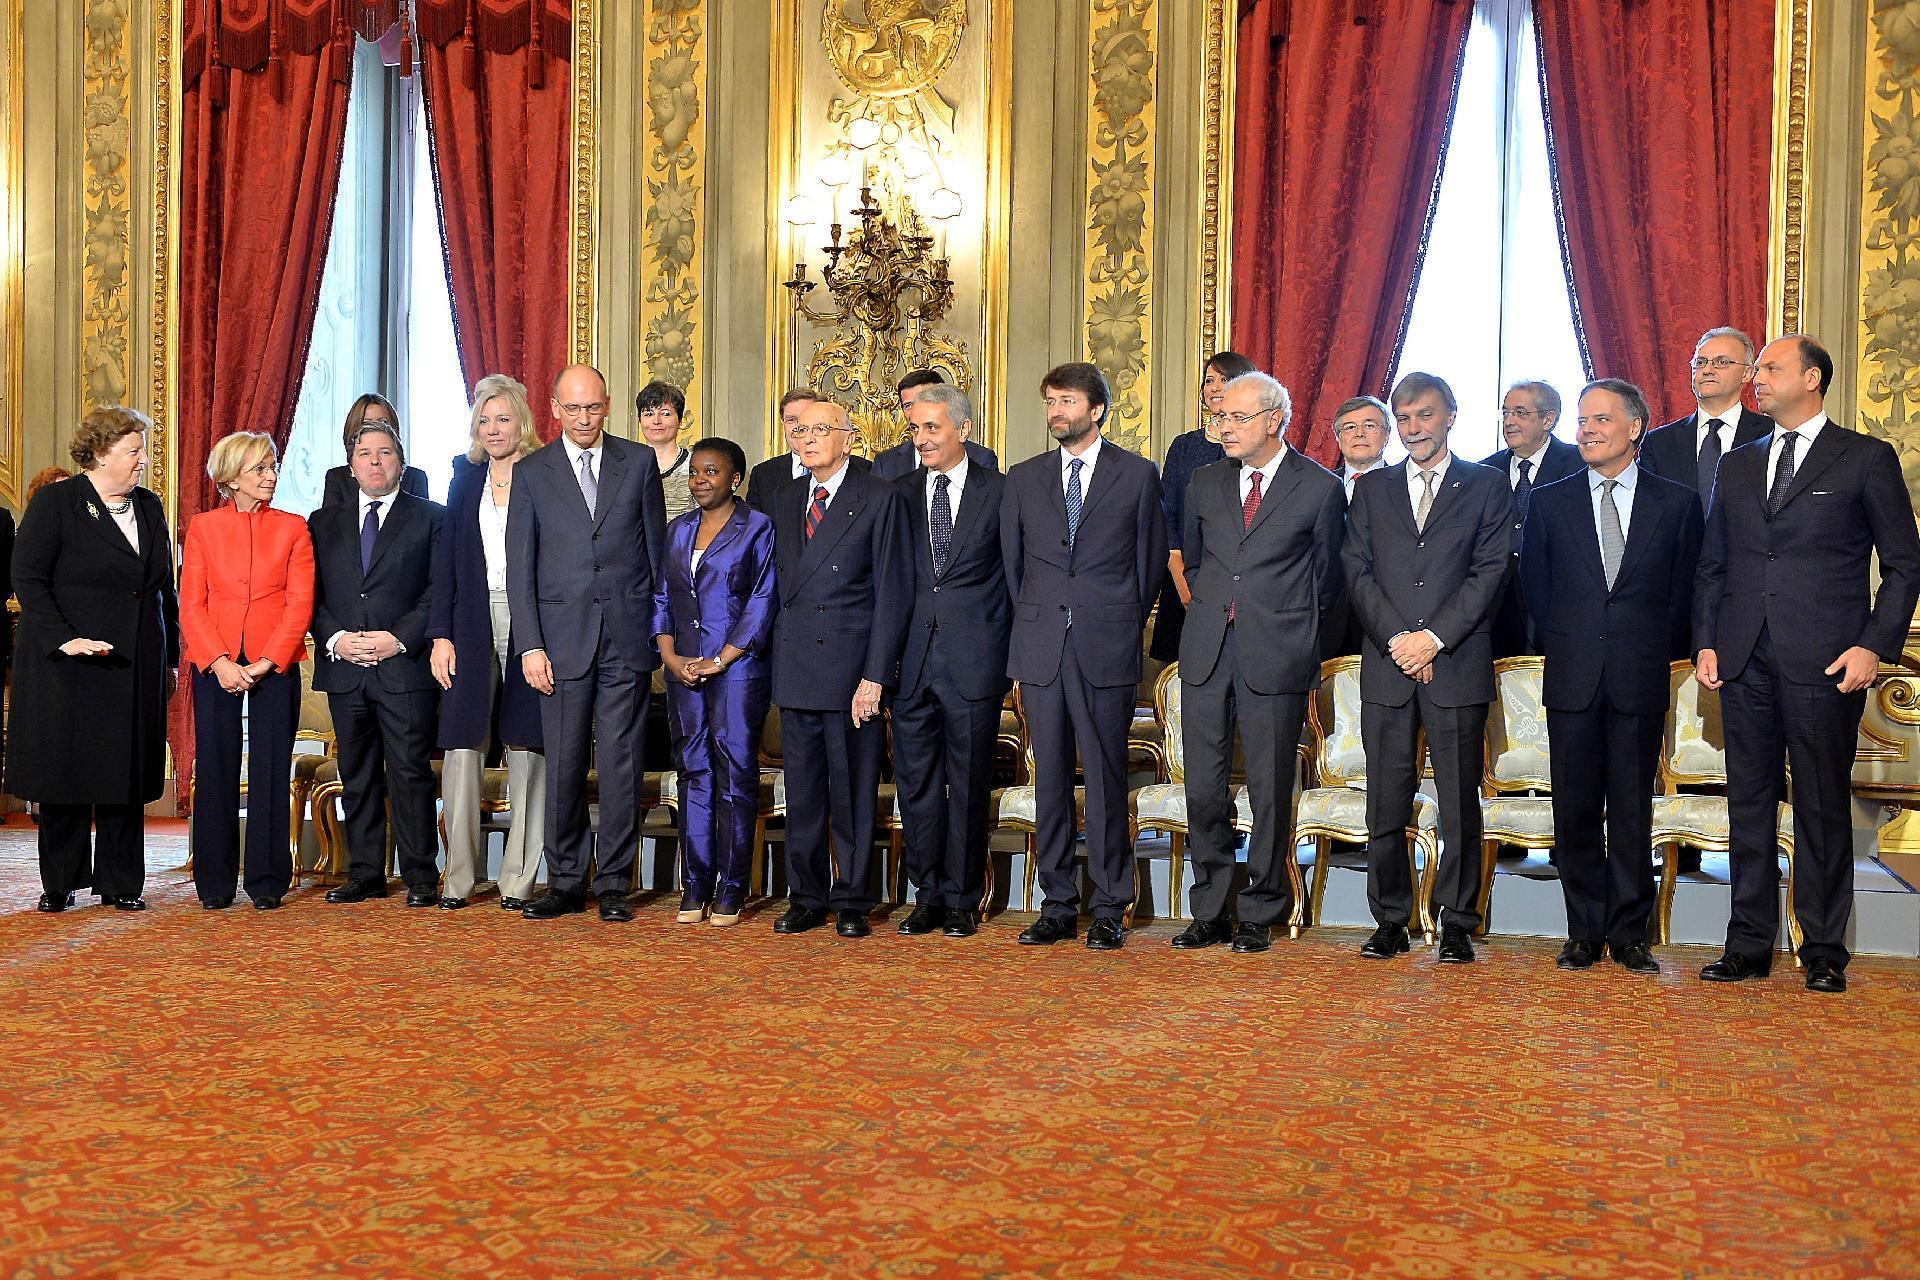 ll Presidente della Repubblica Giorgio Napolitano con i nuovi Ministri del  Governo Letta - Foto dei Presidenti della Repubblica - Portale storico  della Presidenza della Repubblica